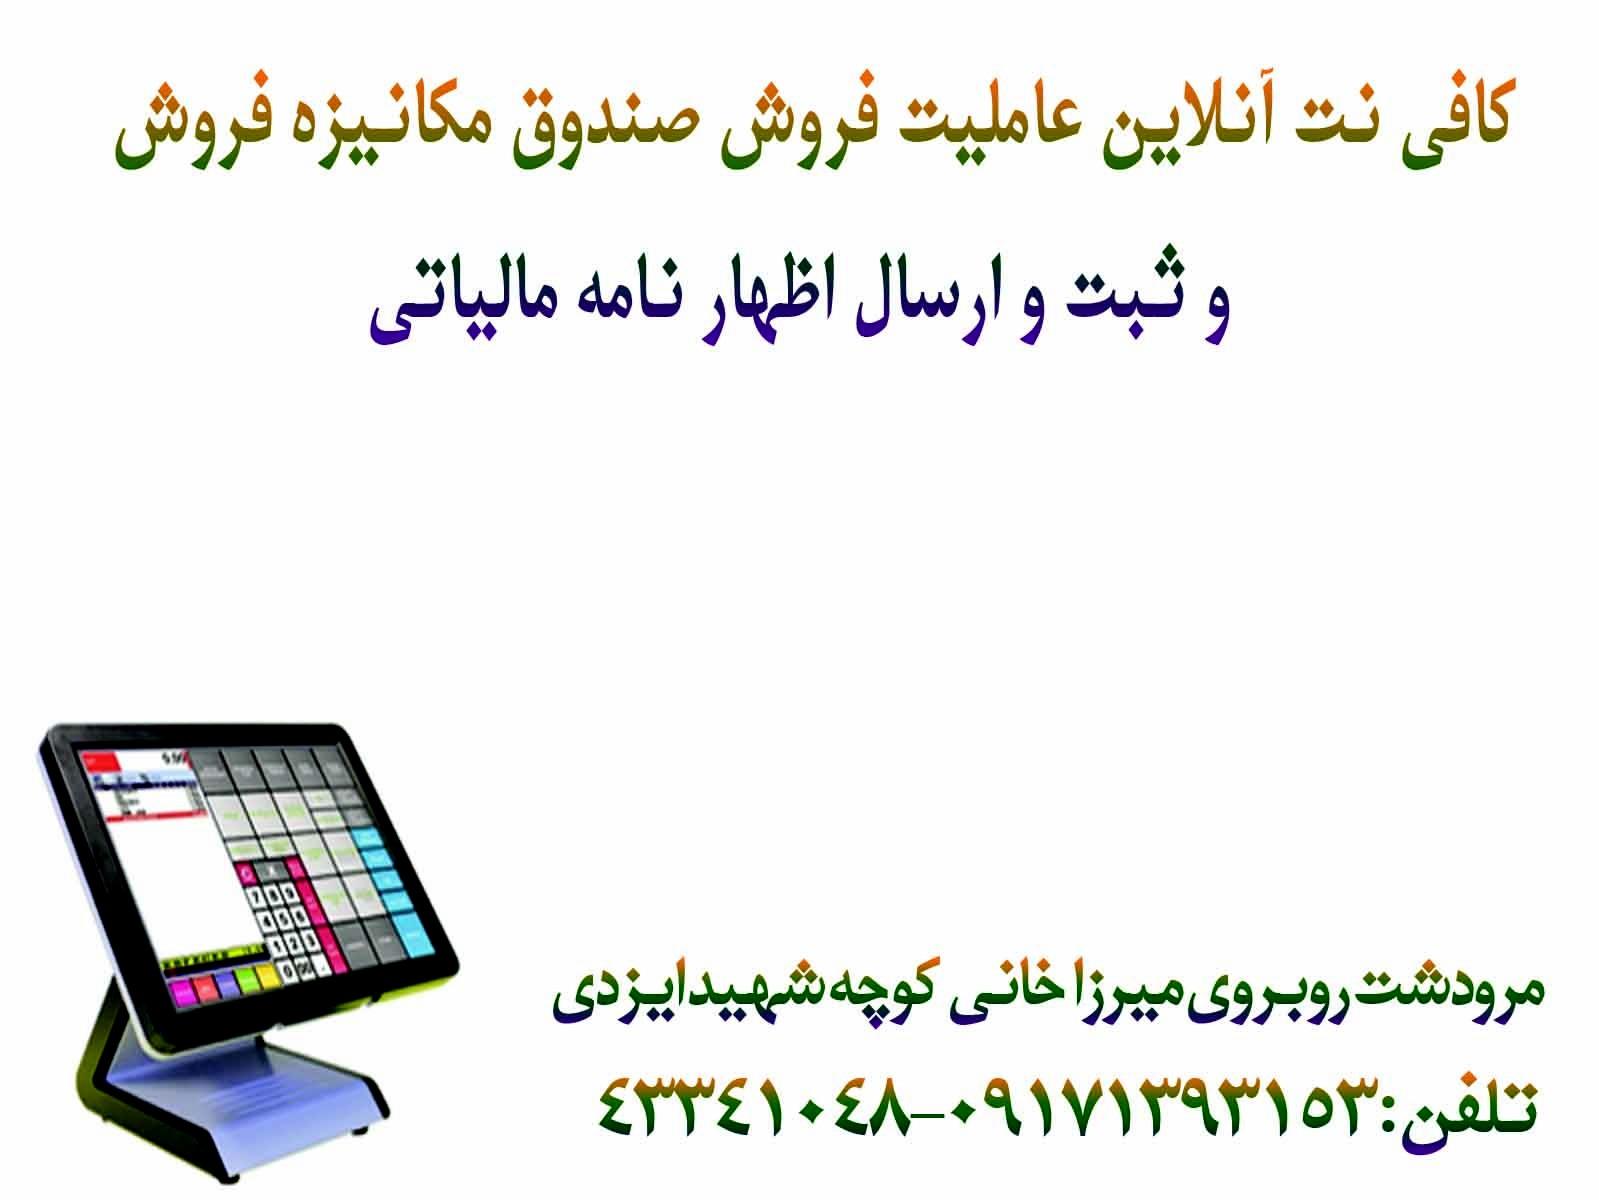 ثبت اظهار نامه مالیاتی + فروش صندوق مکانیزه فروش